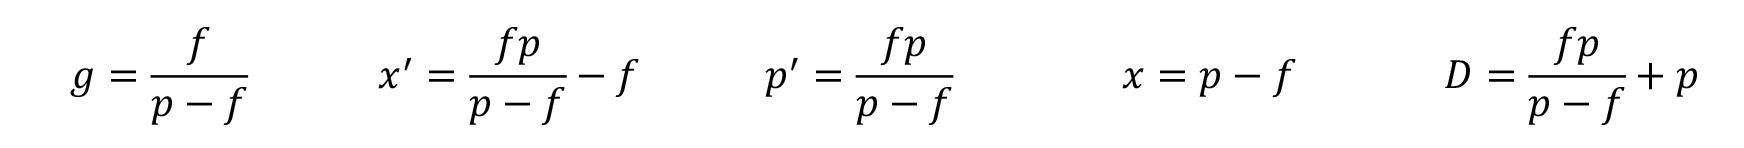 Focale et distance de l'objet au centre optique